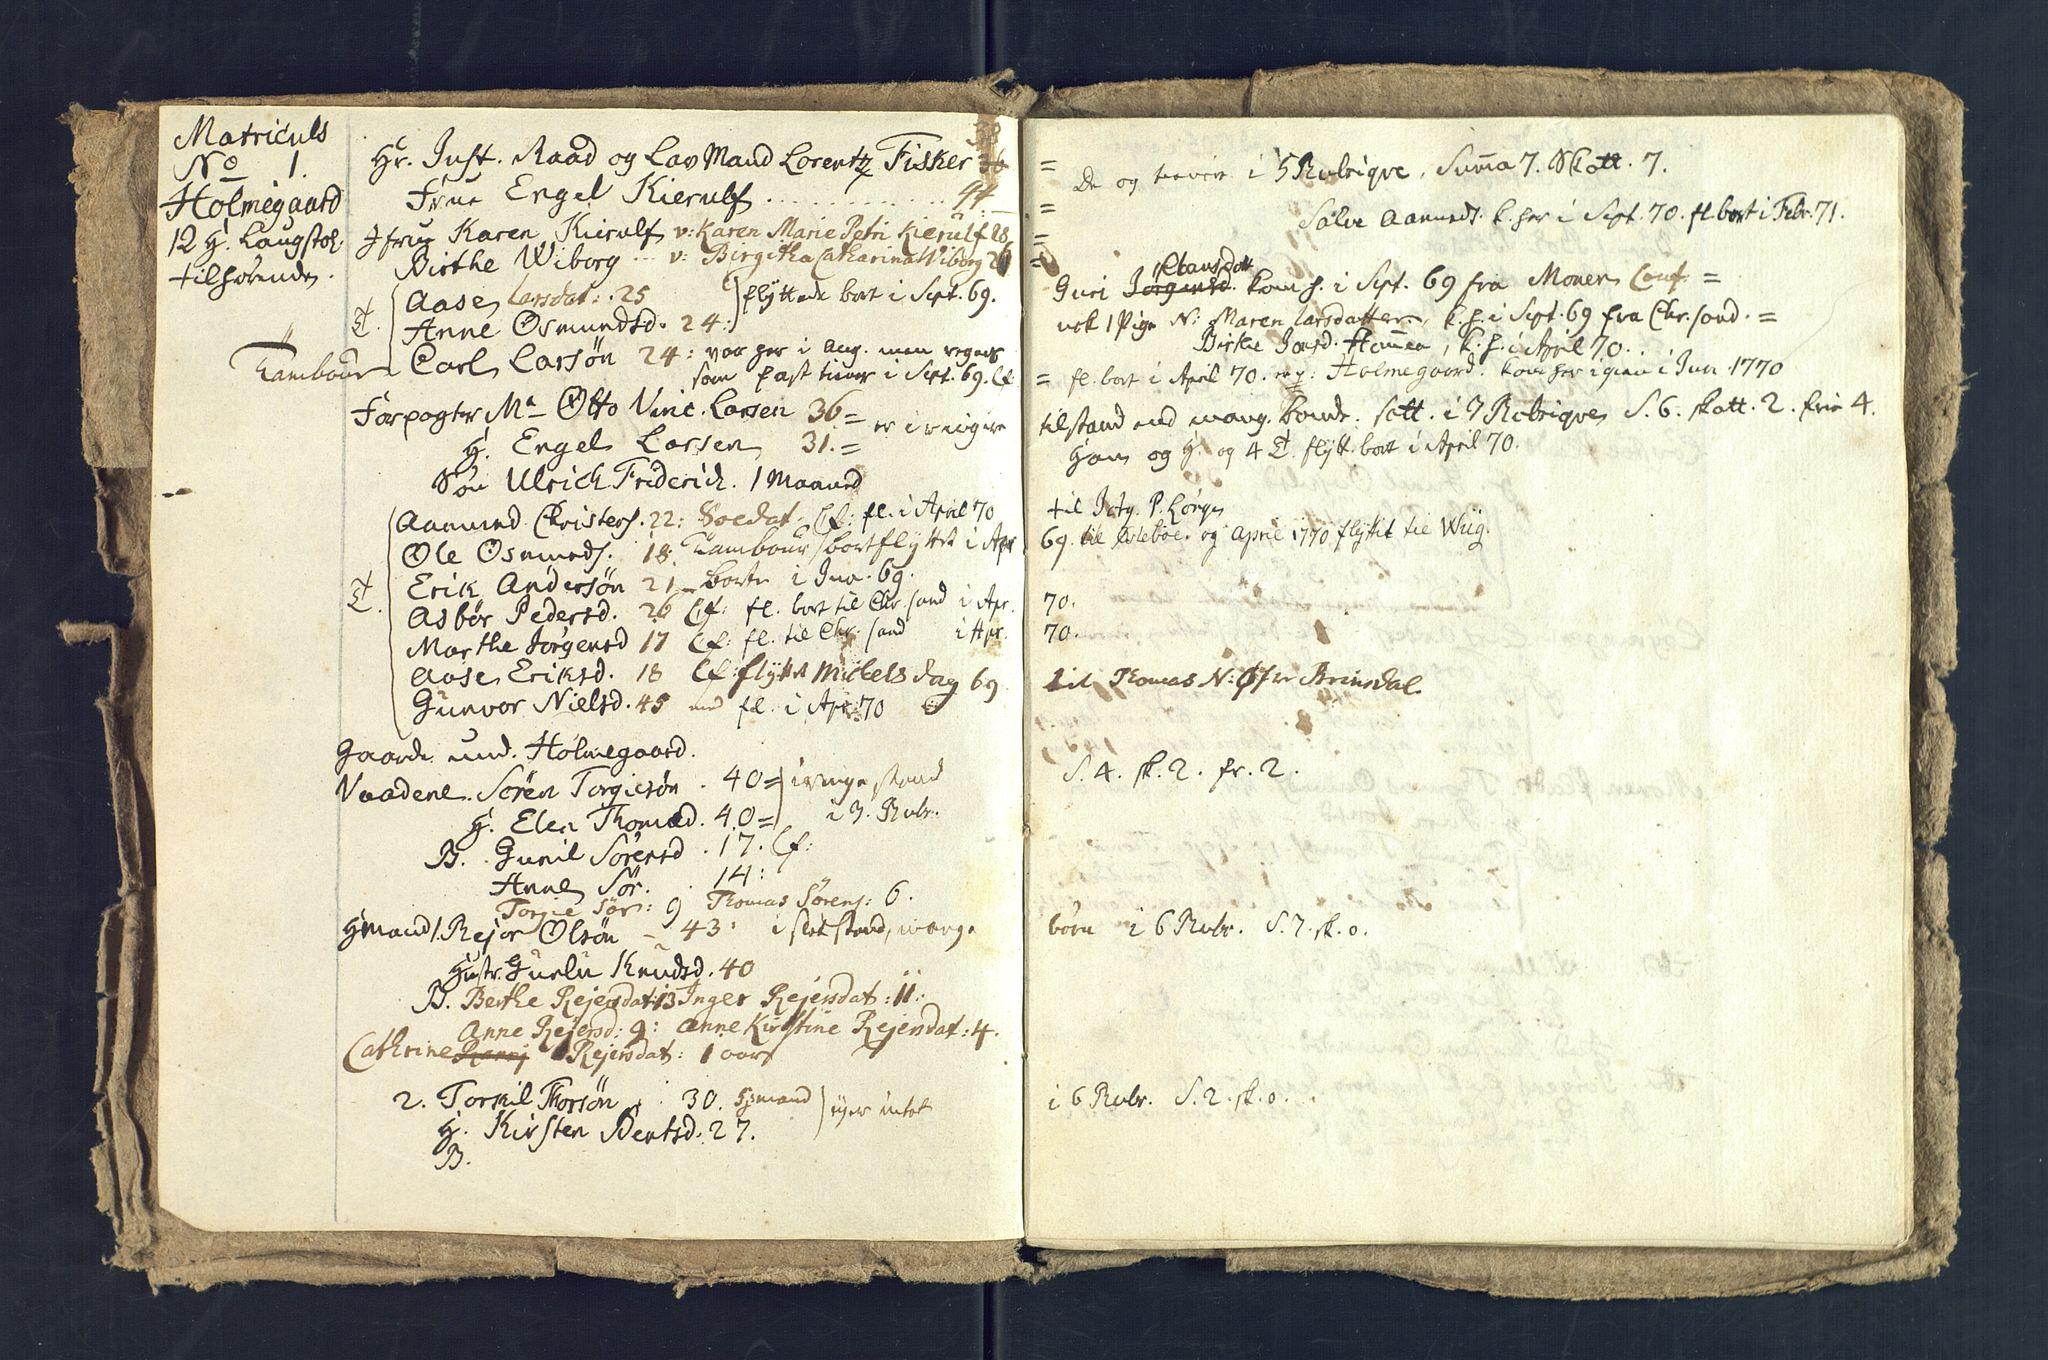 SAK, Holum sokneprestkontor, Andre øvrighetsfunksjoner, nr. 5: Manntall over alle mennesker som befant seg i Holum sokn 15. august 1769, 1769-1771, s. 3